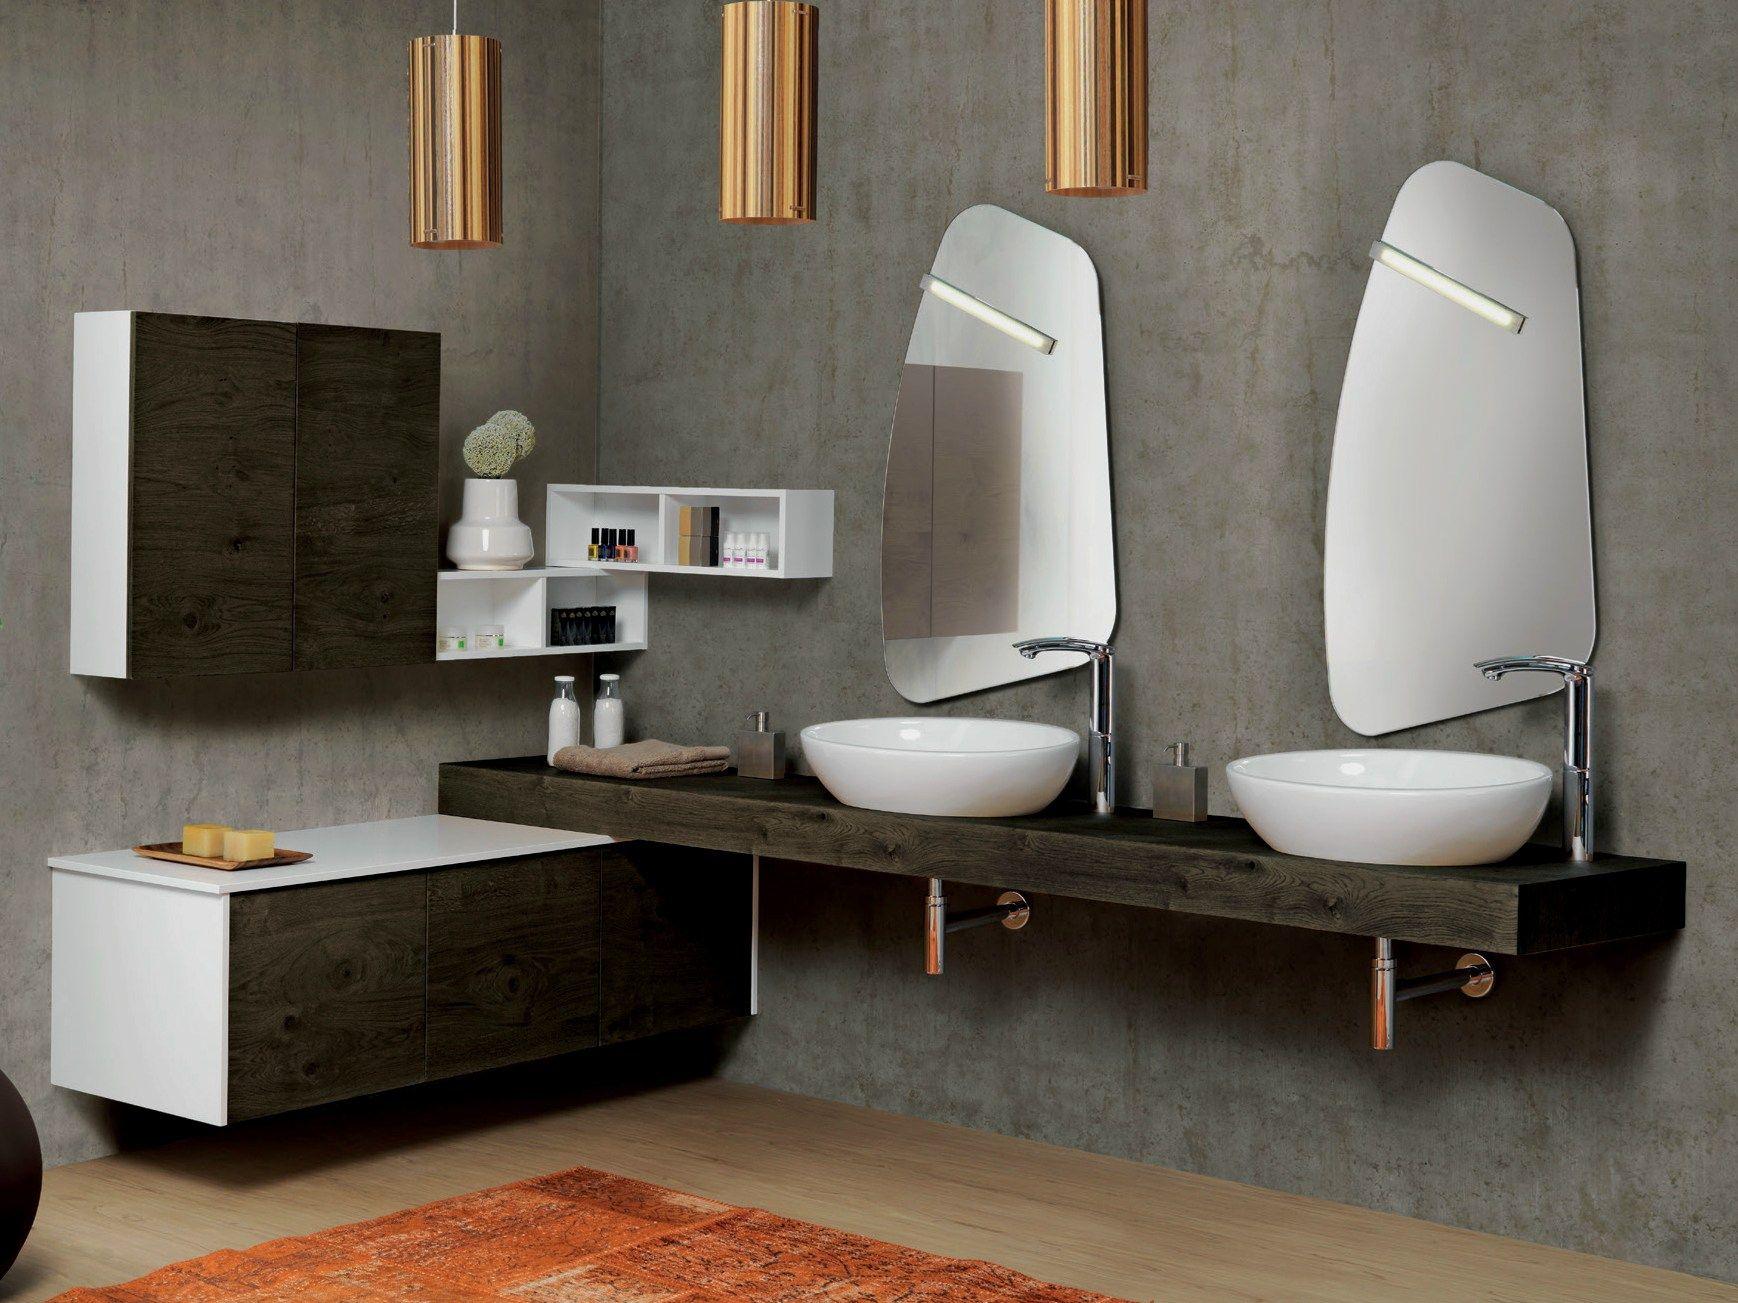 Mobile lavabo angolare doppio sospeso V69 by Mobiltesino